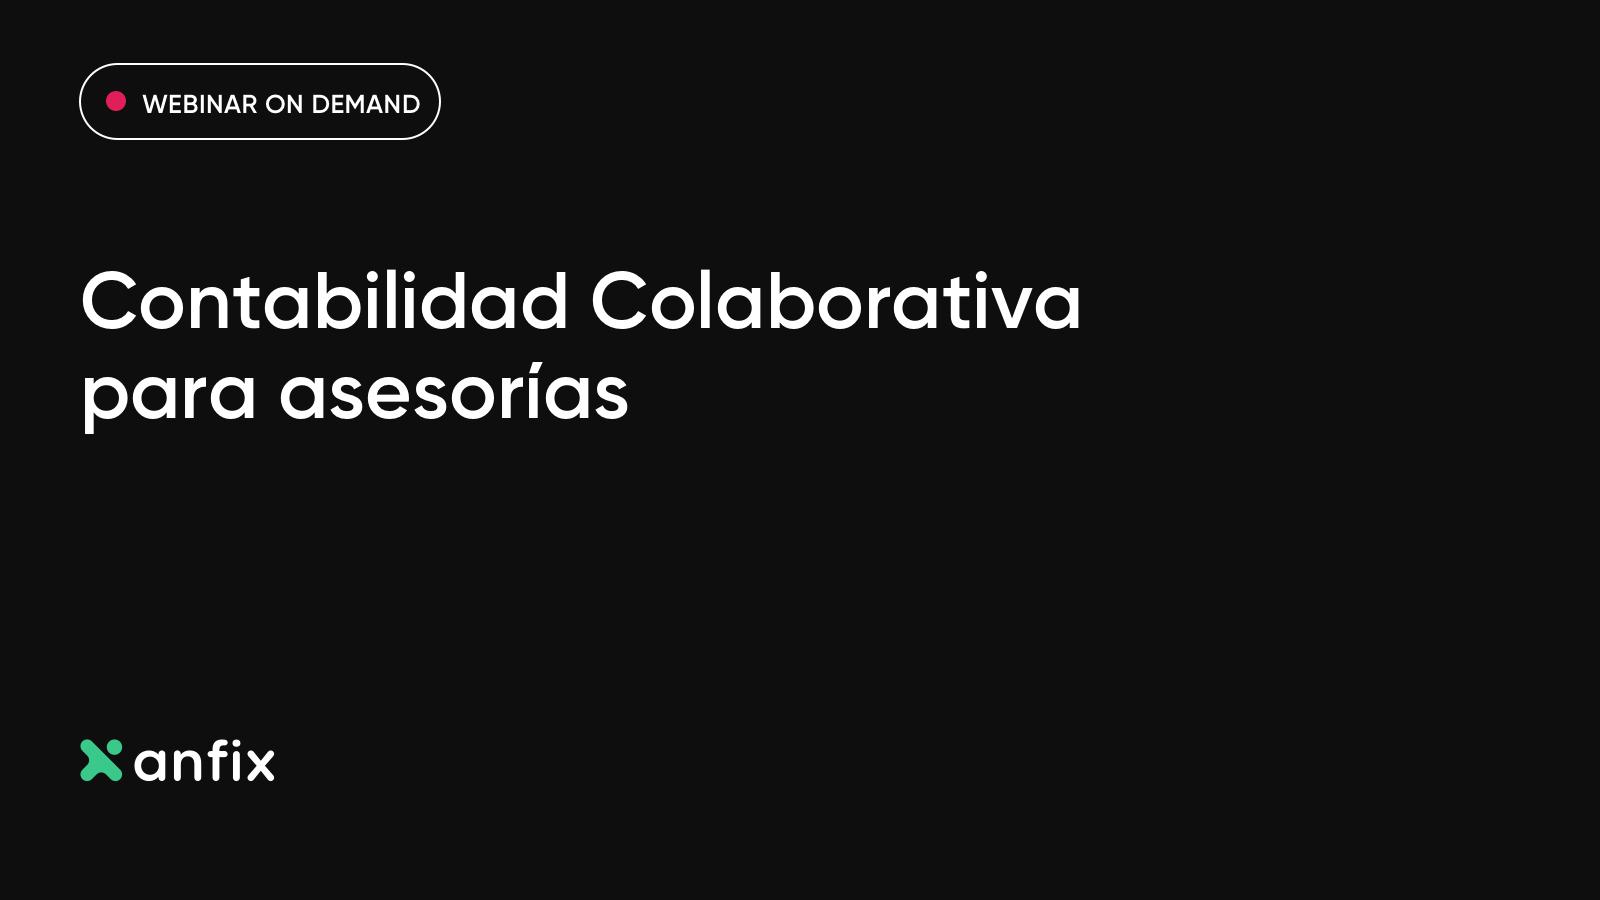 webinar-conabilidad-colaborativa-asesorias